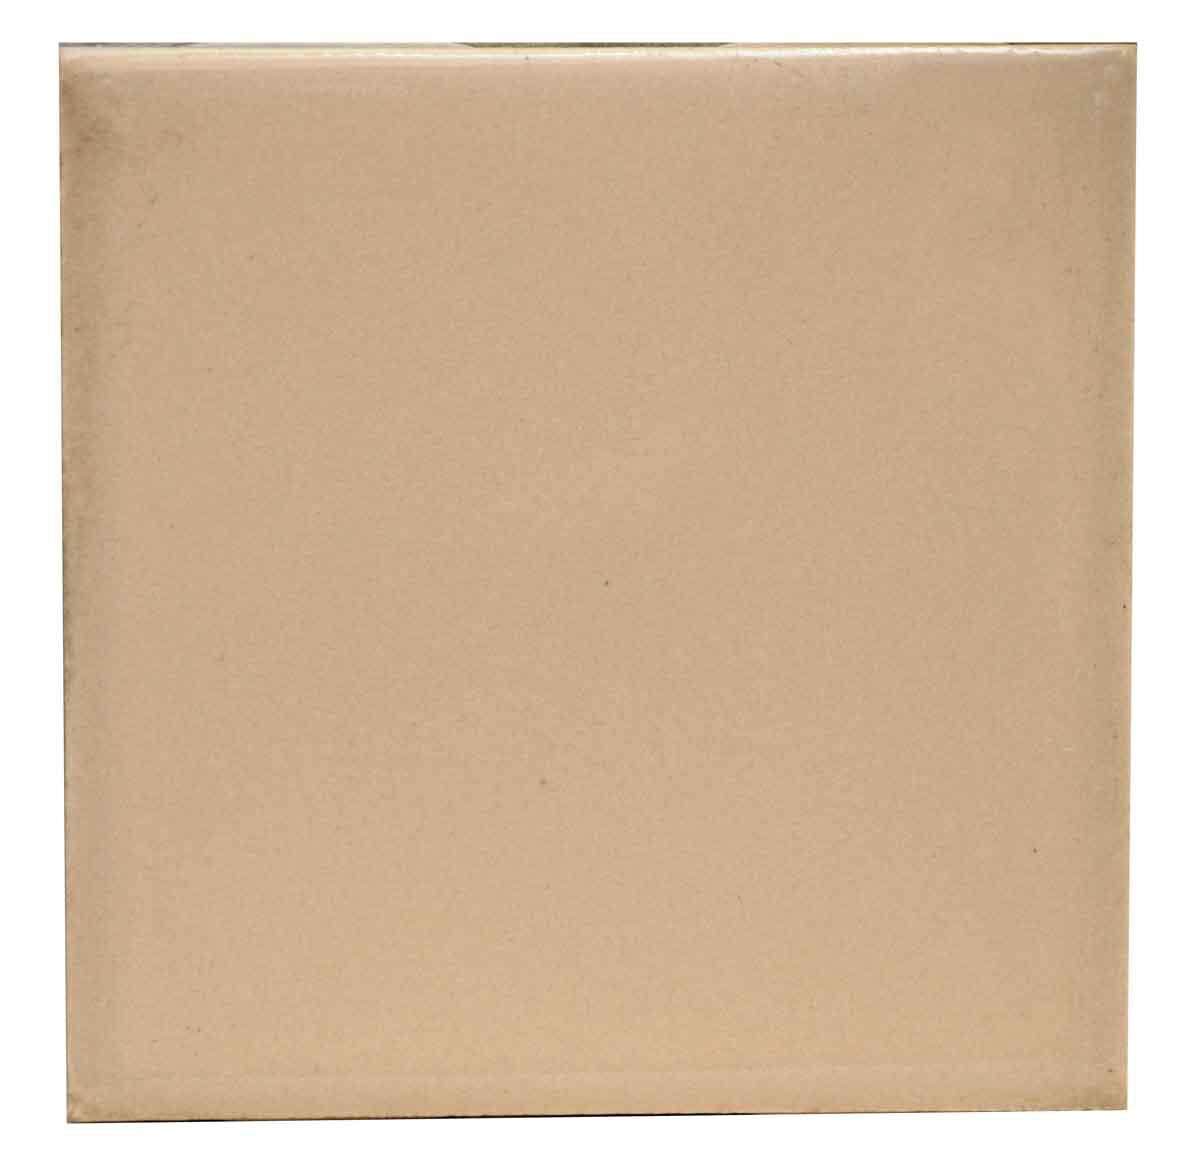 Plain Beige Colored Tile